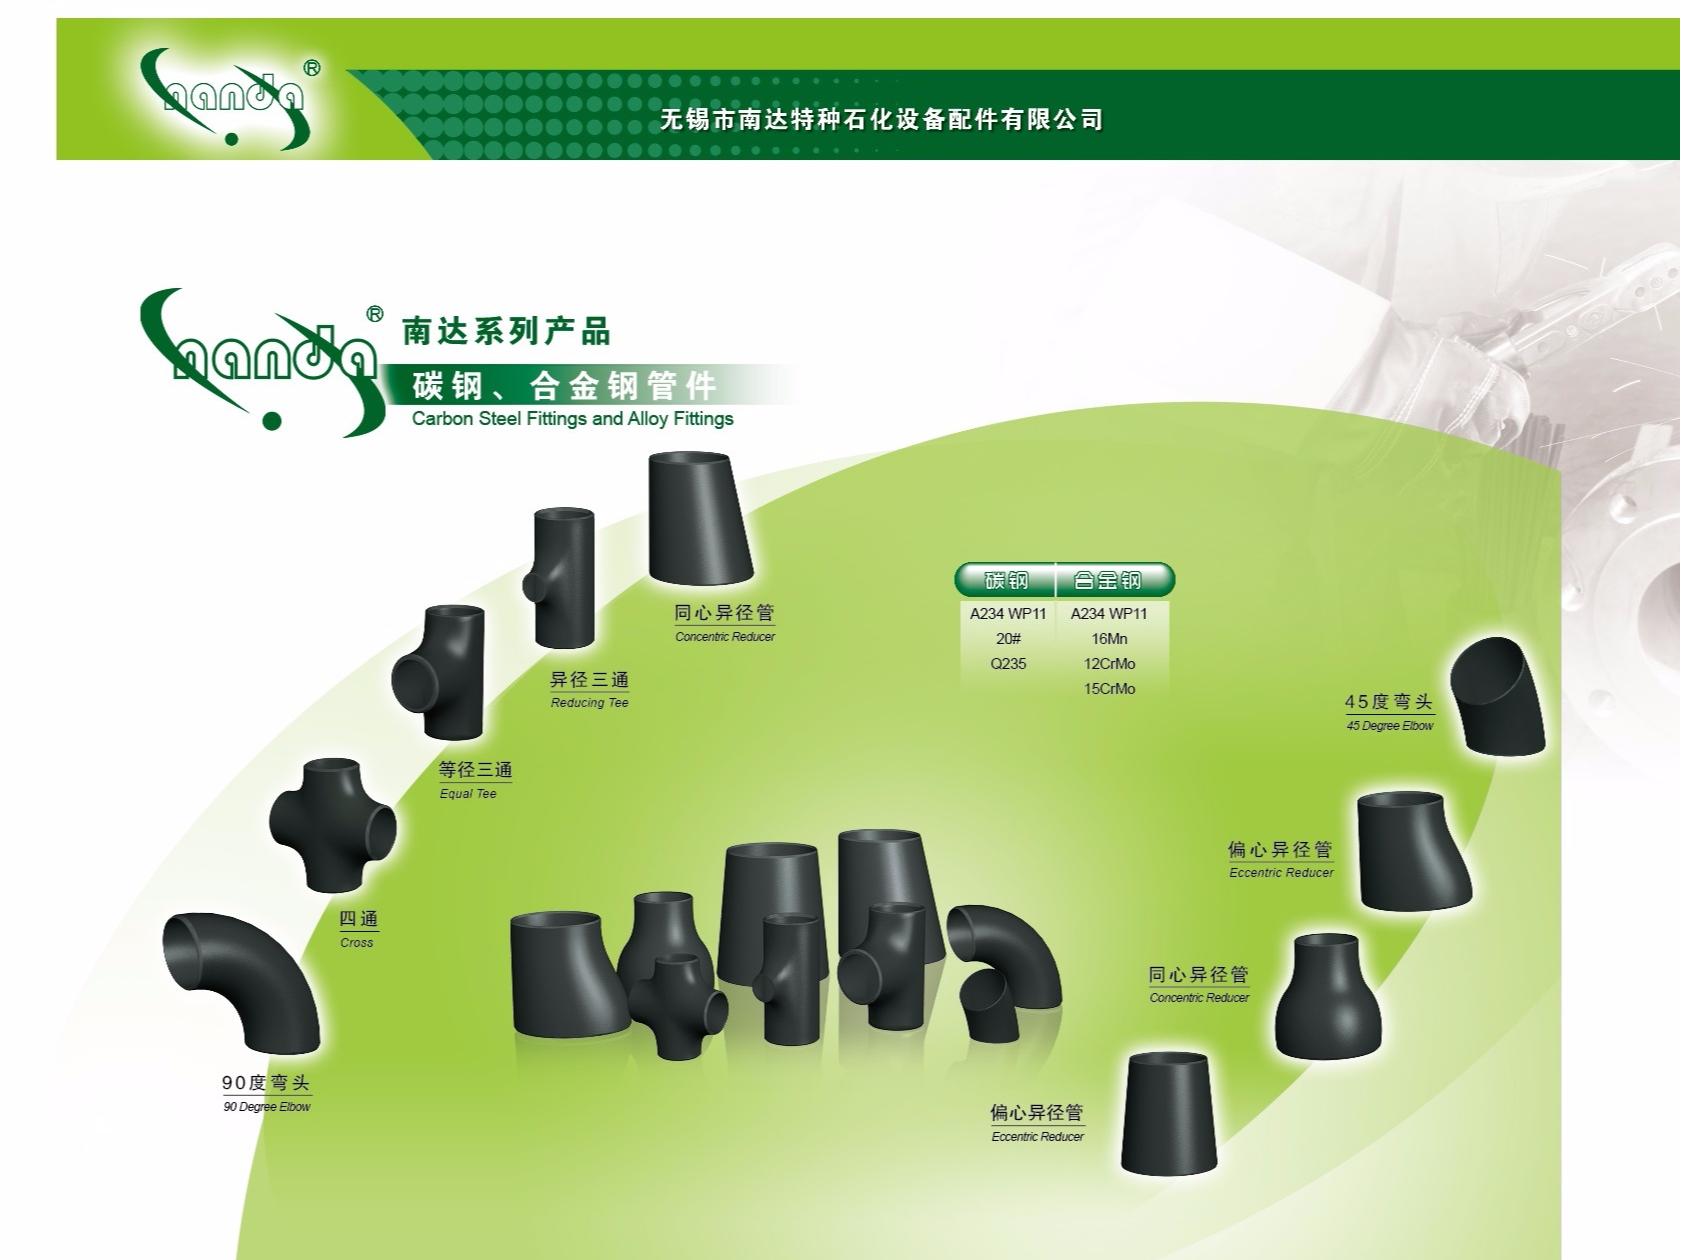 碳钢、合金钢管件